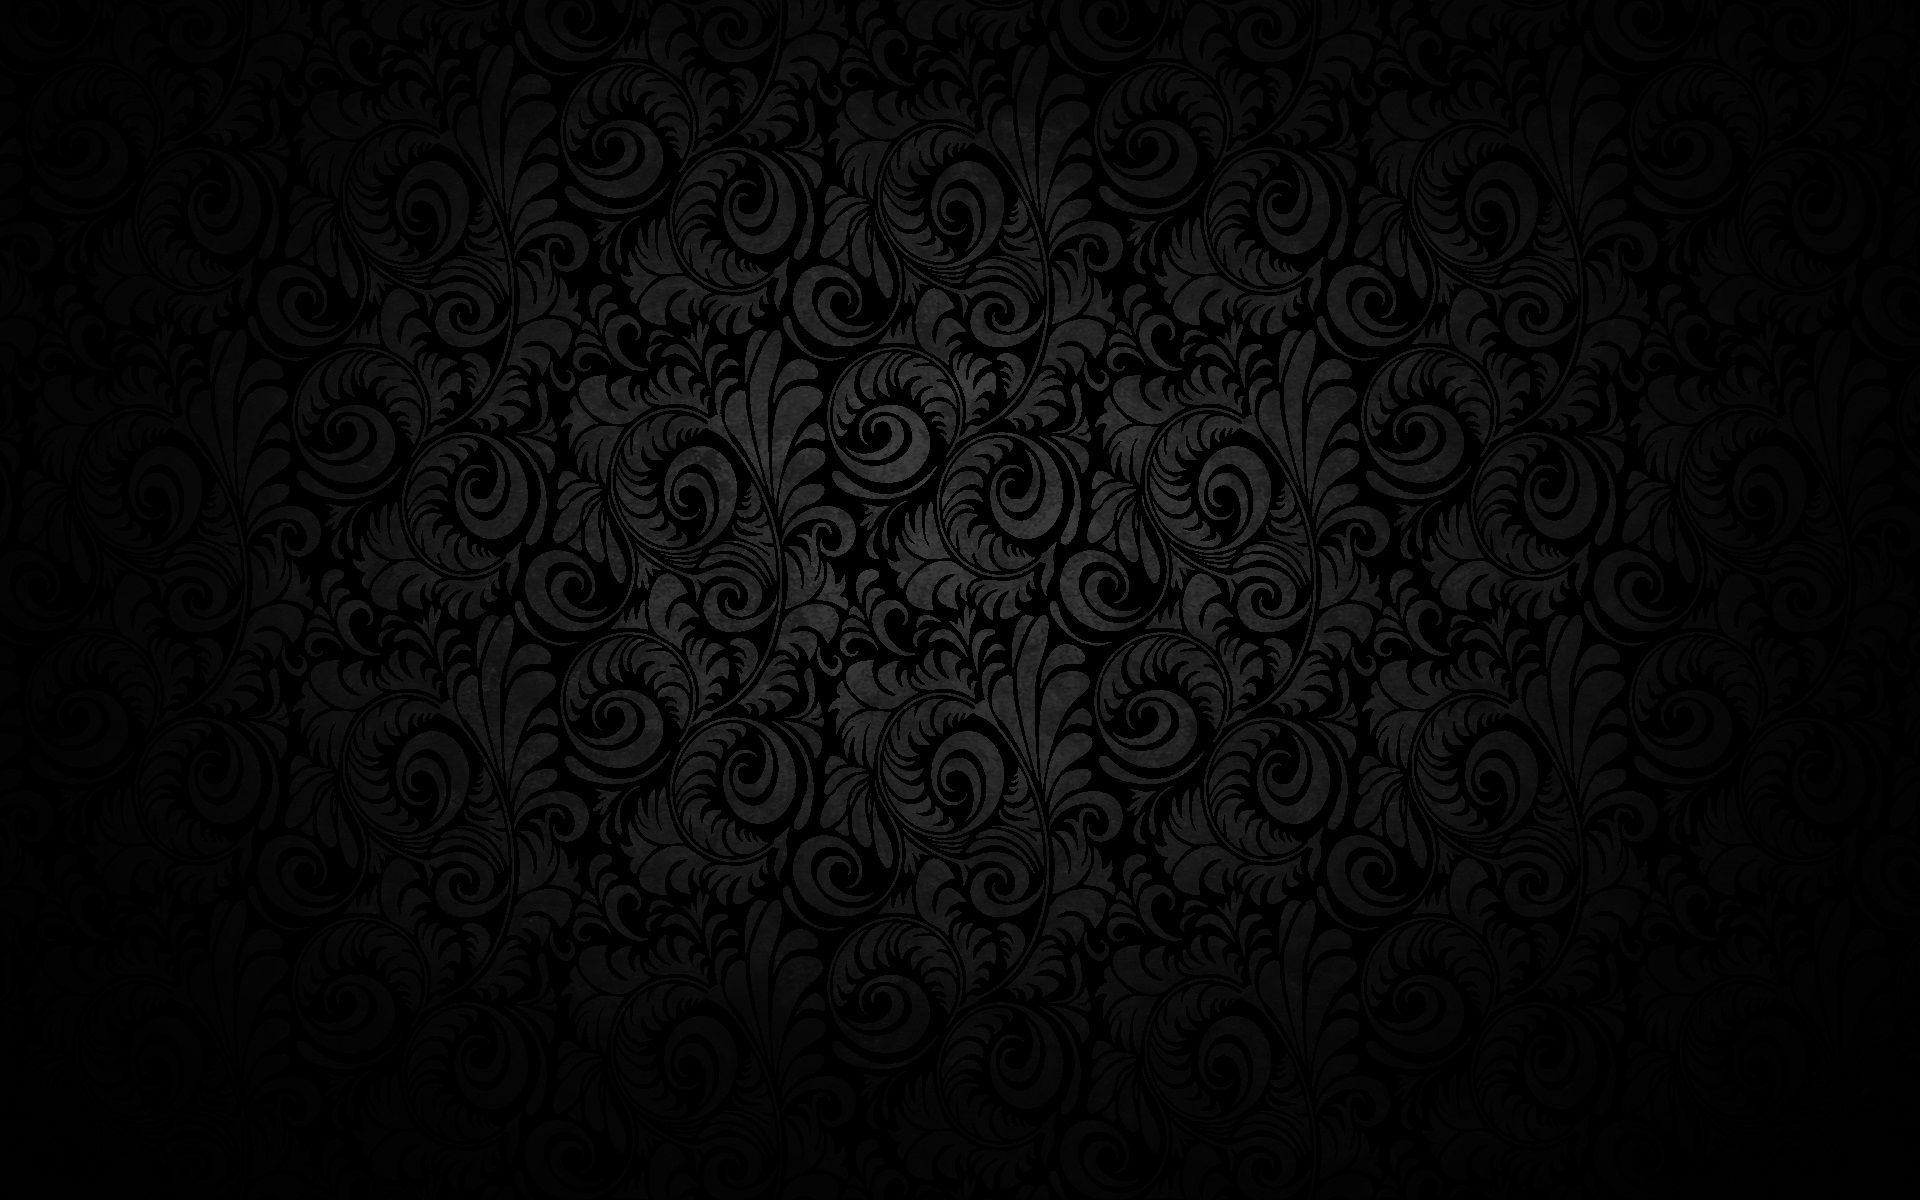 Pin von muse auf wallpapers pinterest for Schwarze mustertapete